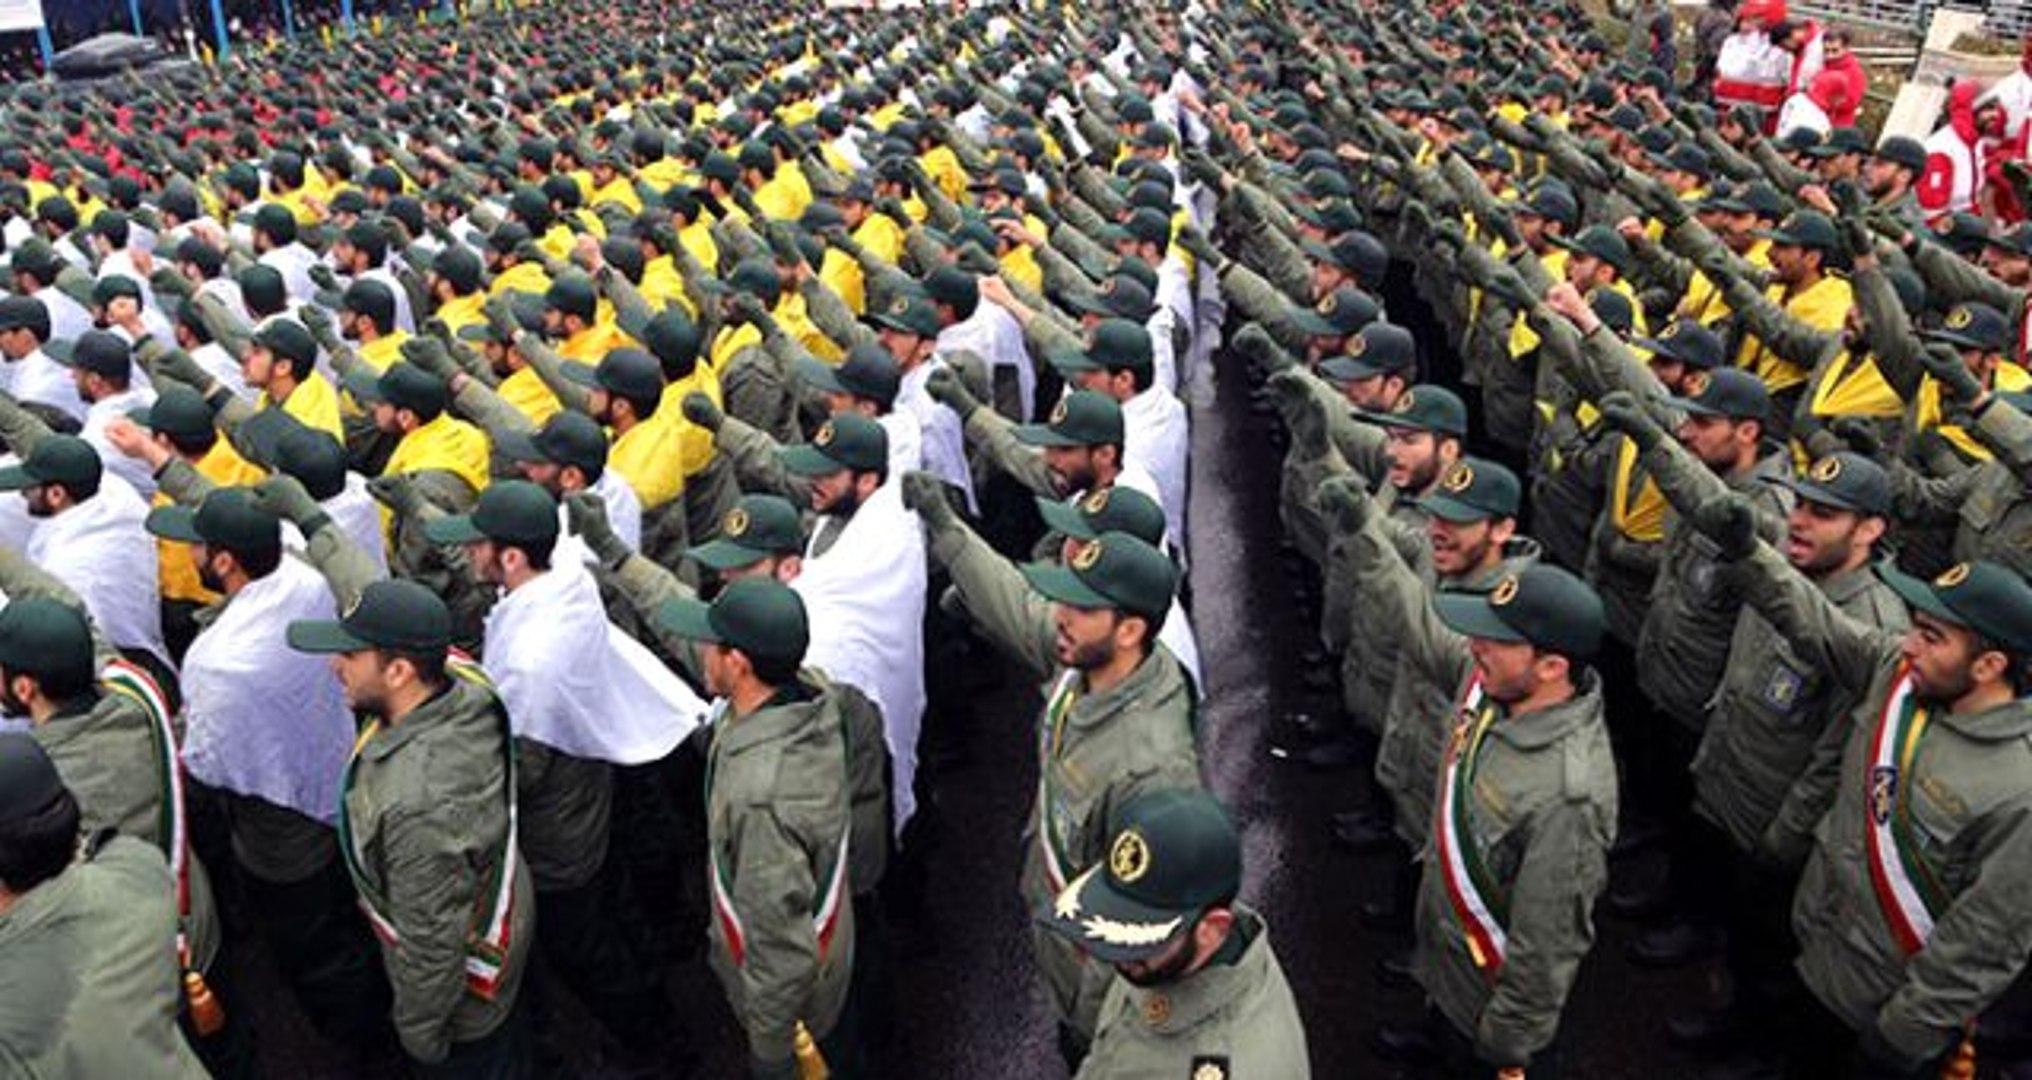 İran'da savaş emrinin verildiği konsey, Amerika'yı tehdit etti: Çok büyük intikam alınacak